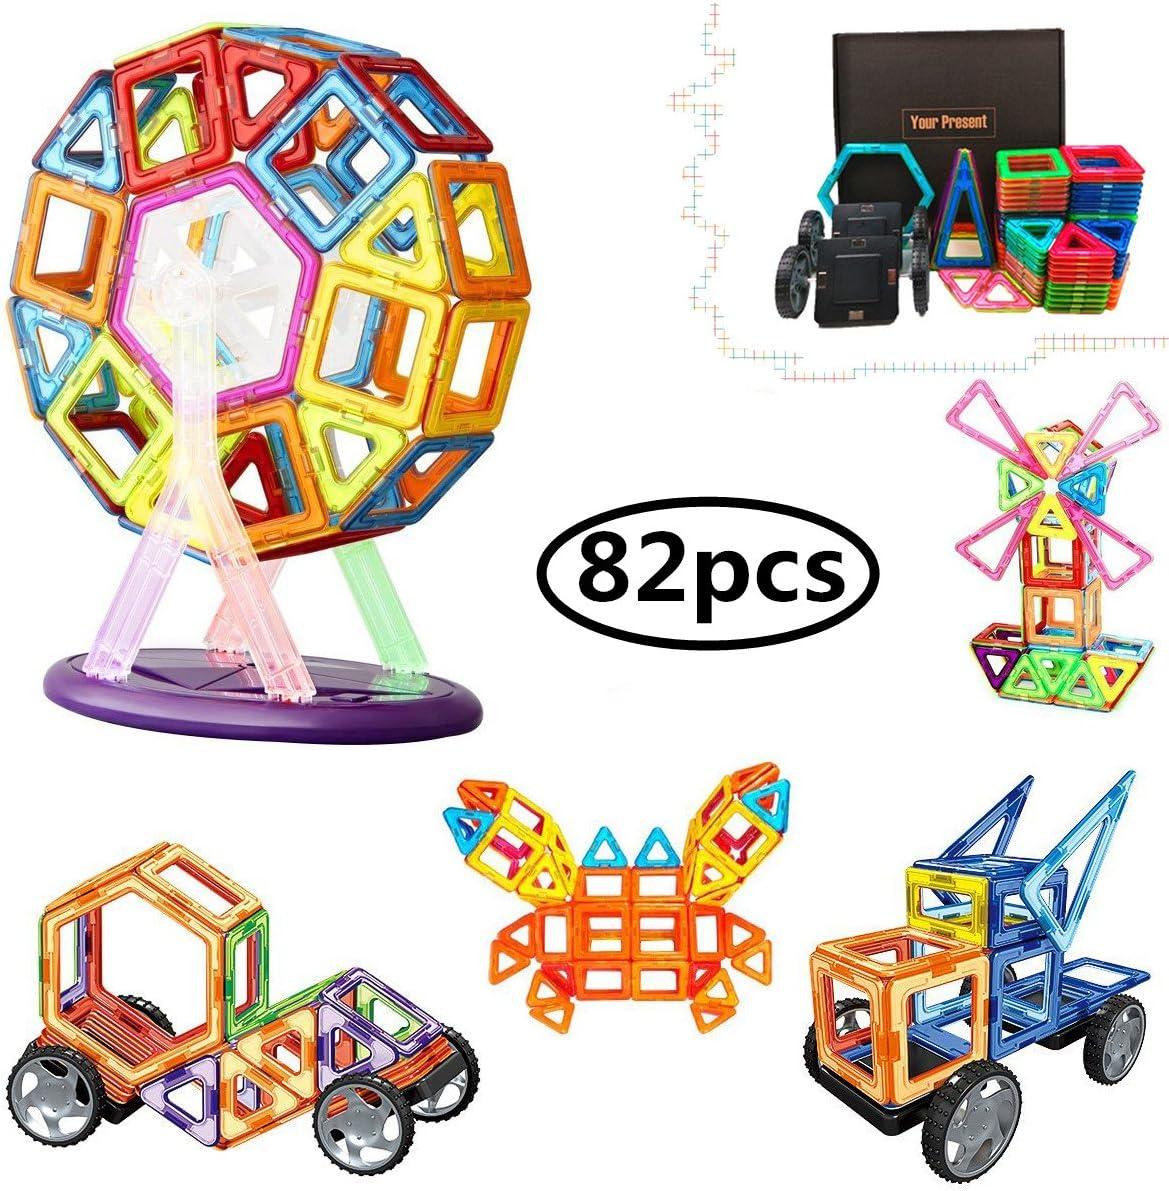 Bloques de construcción de Bloques magnéticos de 64 Piezas Juegos educativos para niños, de Morcare Construction Building Sets (80 pcs)